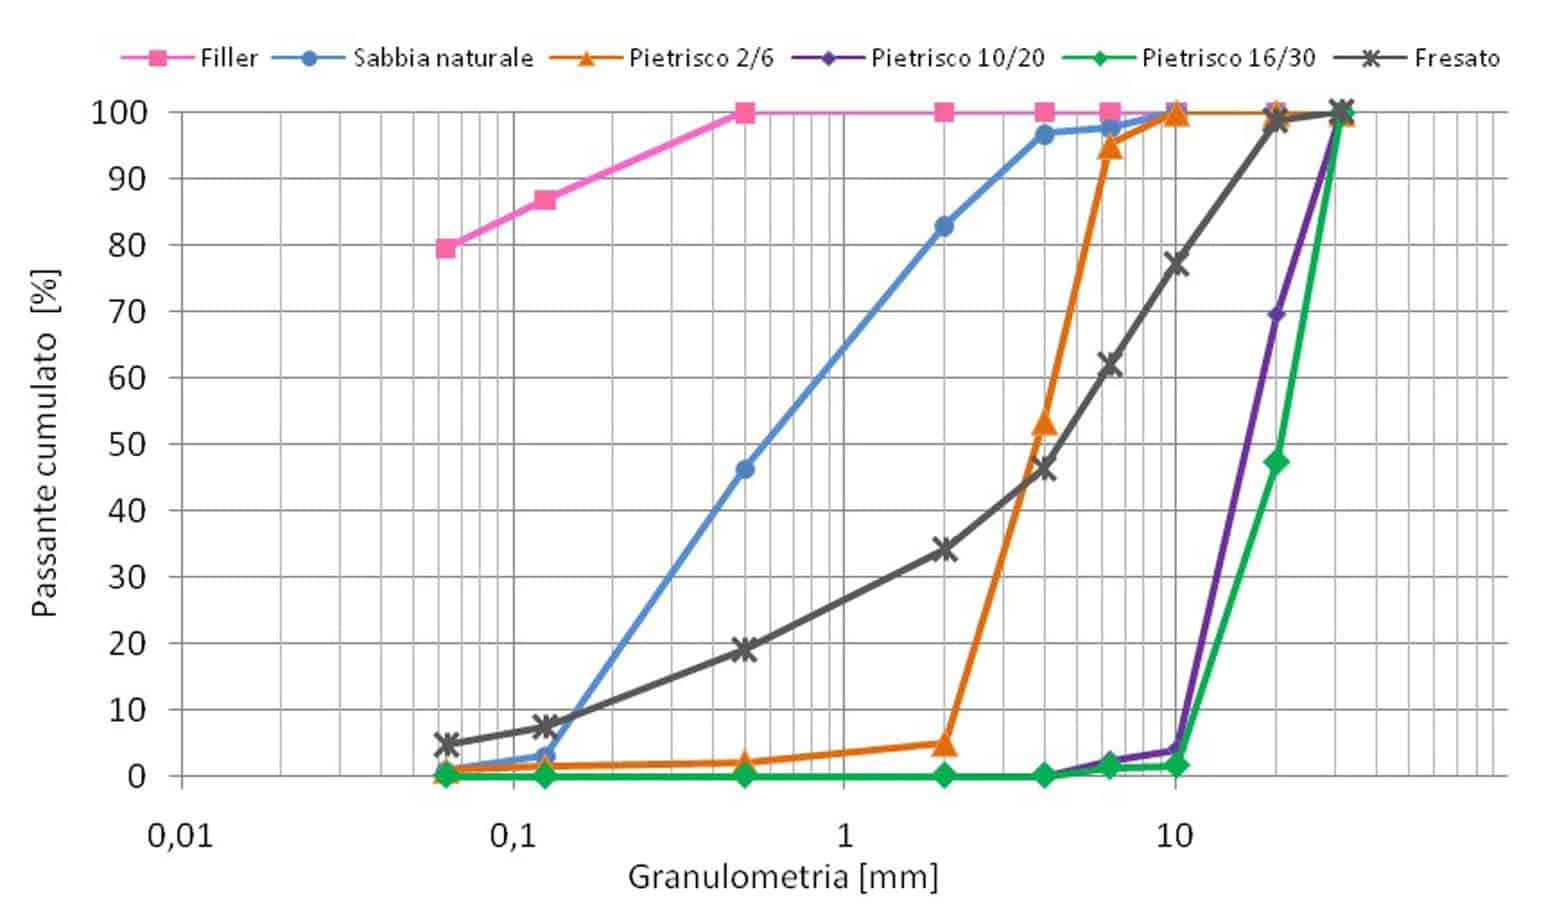 La distribuzione granulometrica degli aggregati impiegati per la mista alto modulo